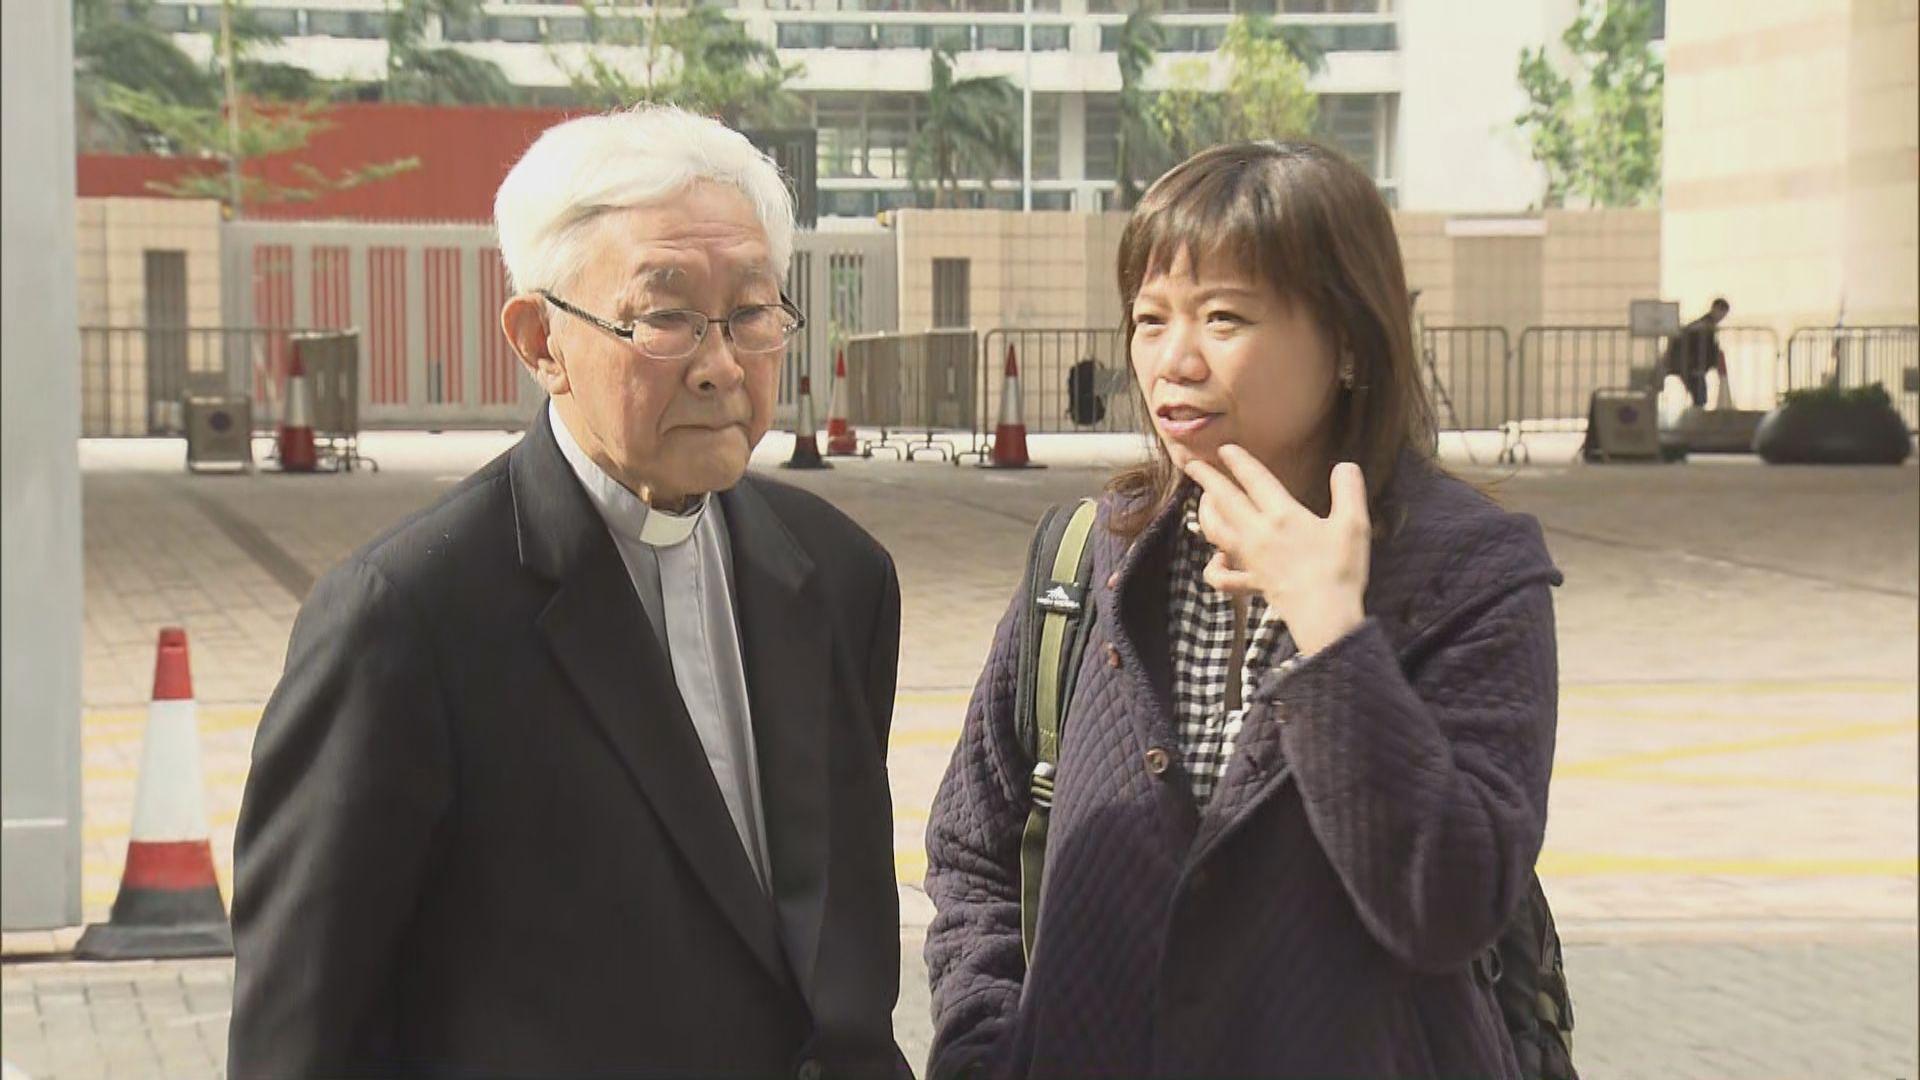 陳日君:學生在831決定後罷課做法正確